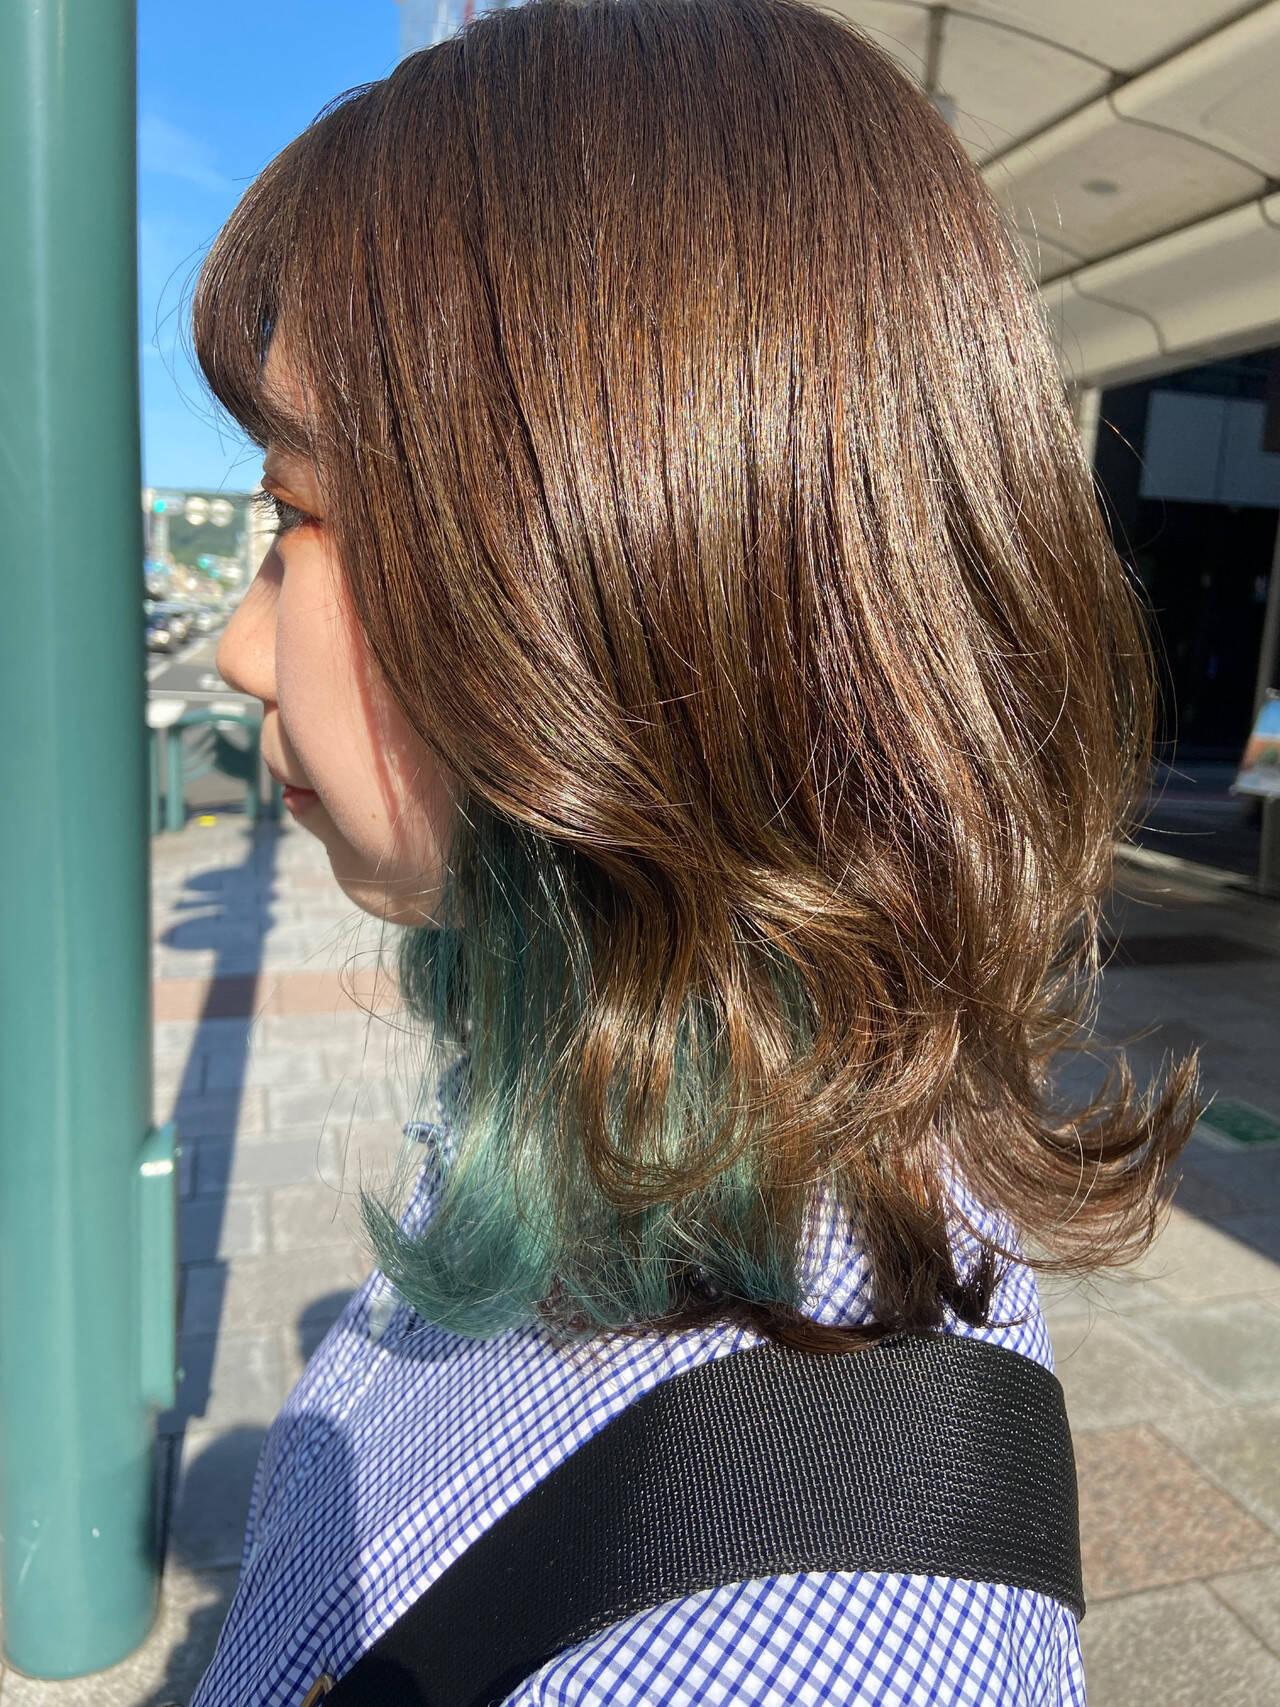 インナーカラー エメラルドグリーンカラー ミディアム ブリーチヘアスタイルや髪型の写真・画像